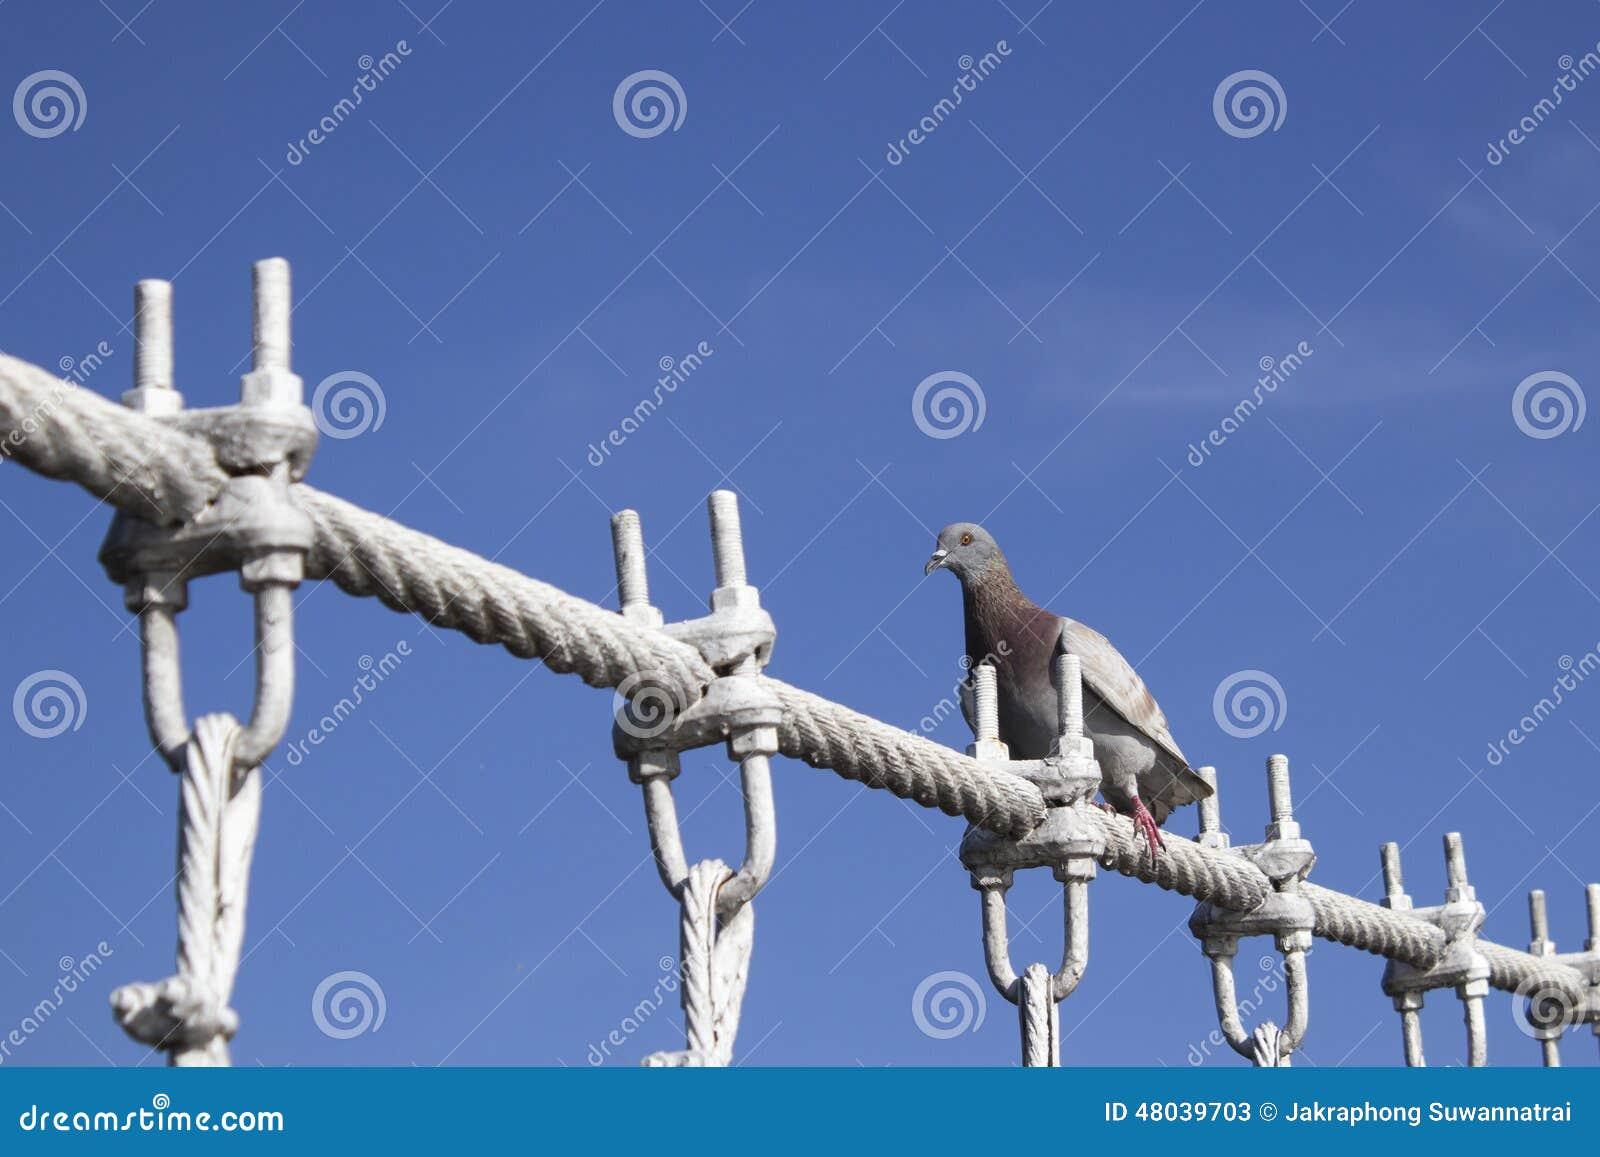 Die Taube Landete Auf Drahtseilbrücke Stockbild - Bild von weiß ...